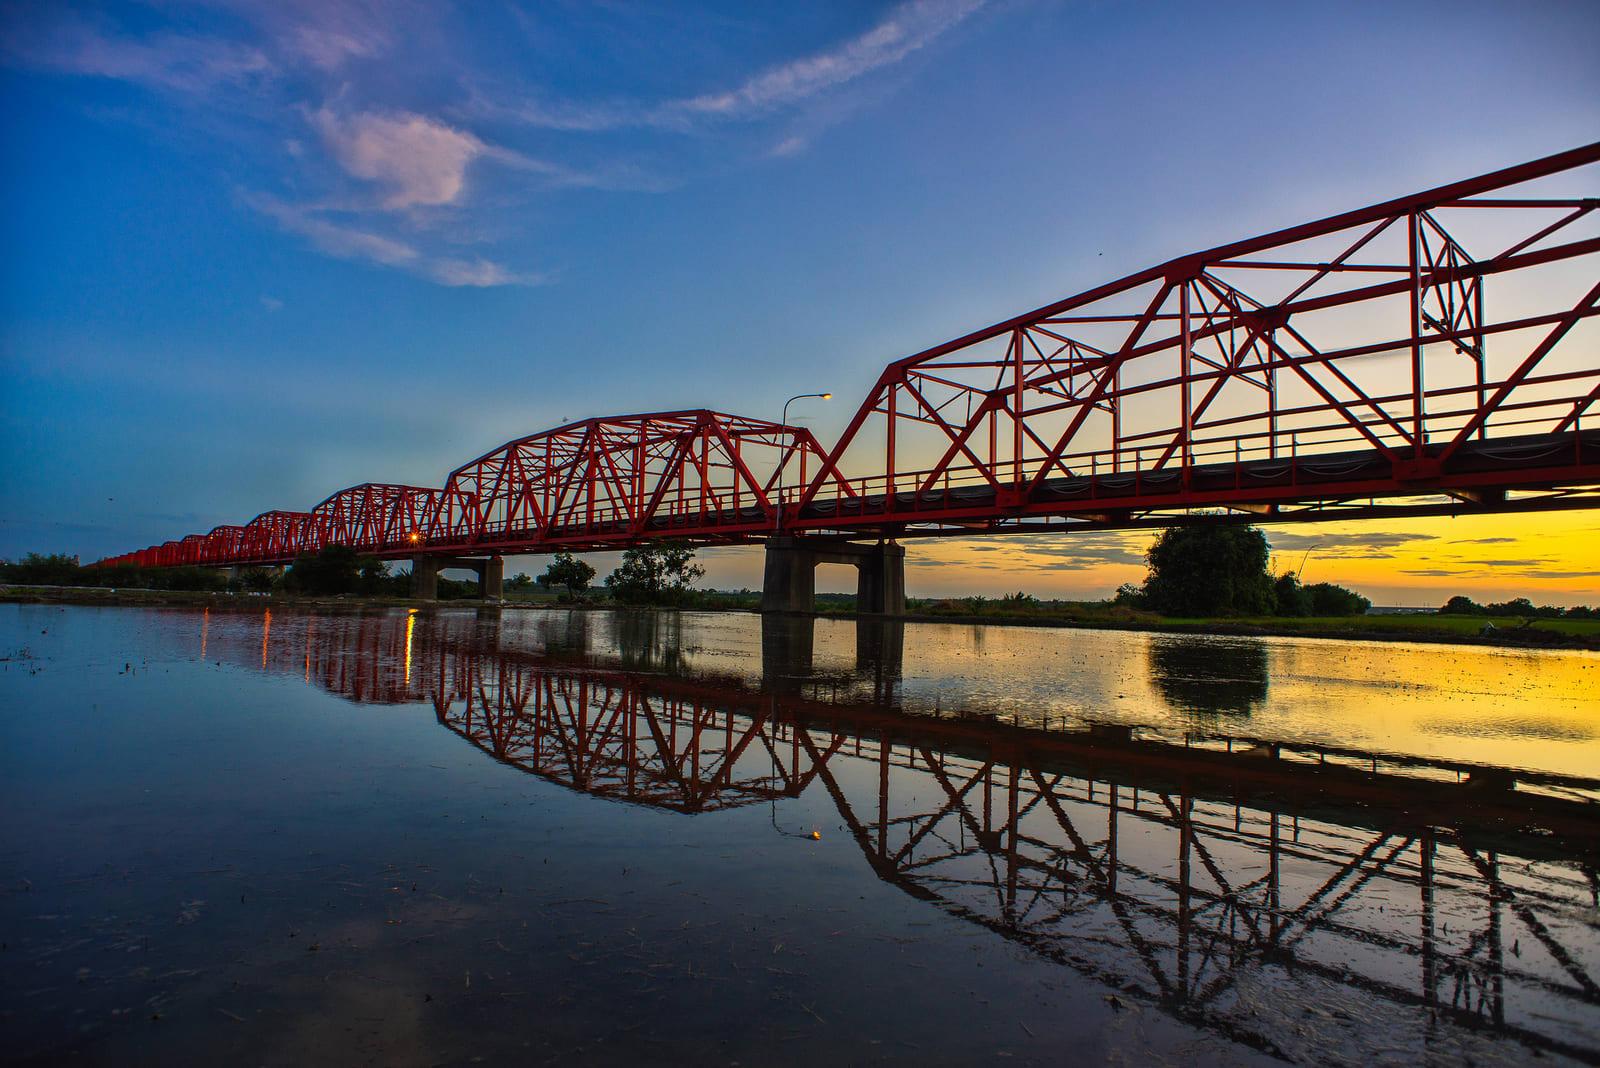 西螺大橋。(Flickr商用授權作者-Bibi.barbie)